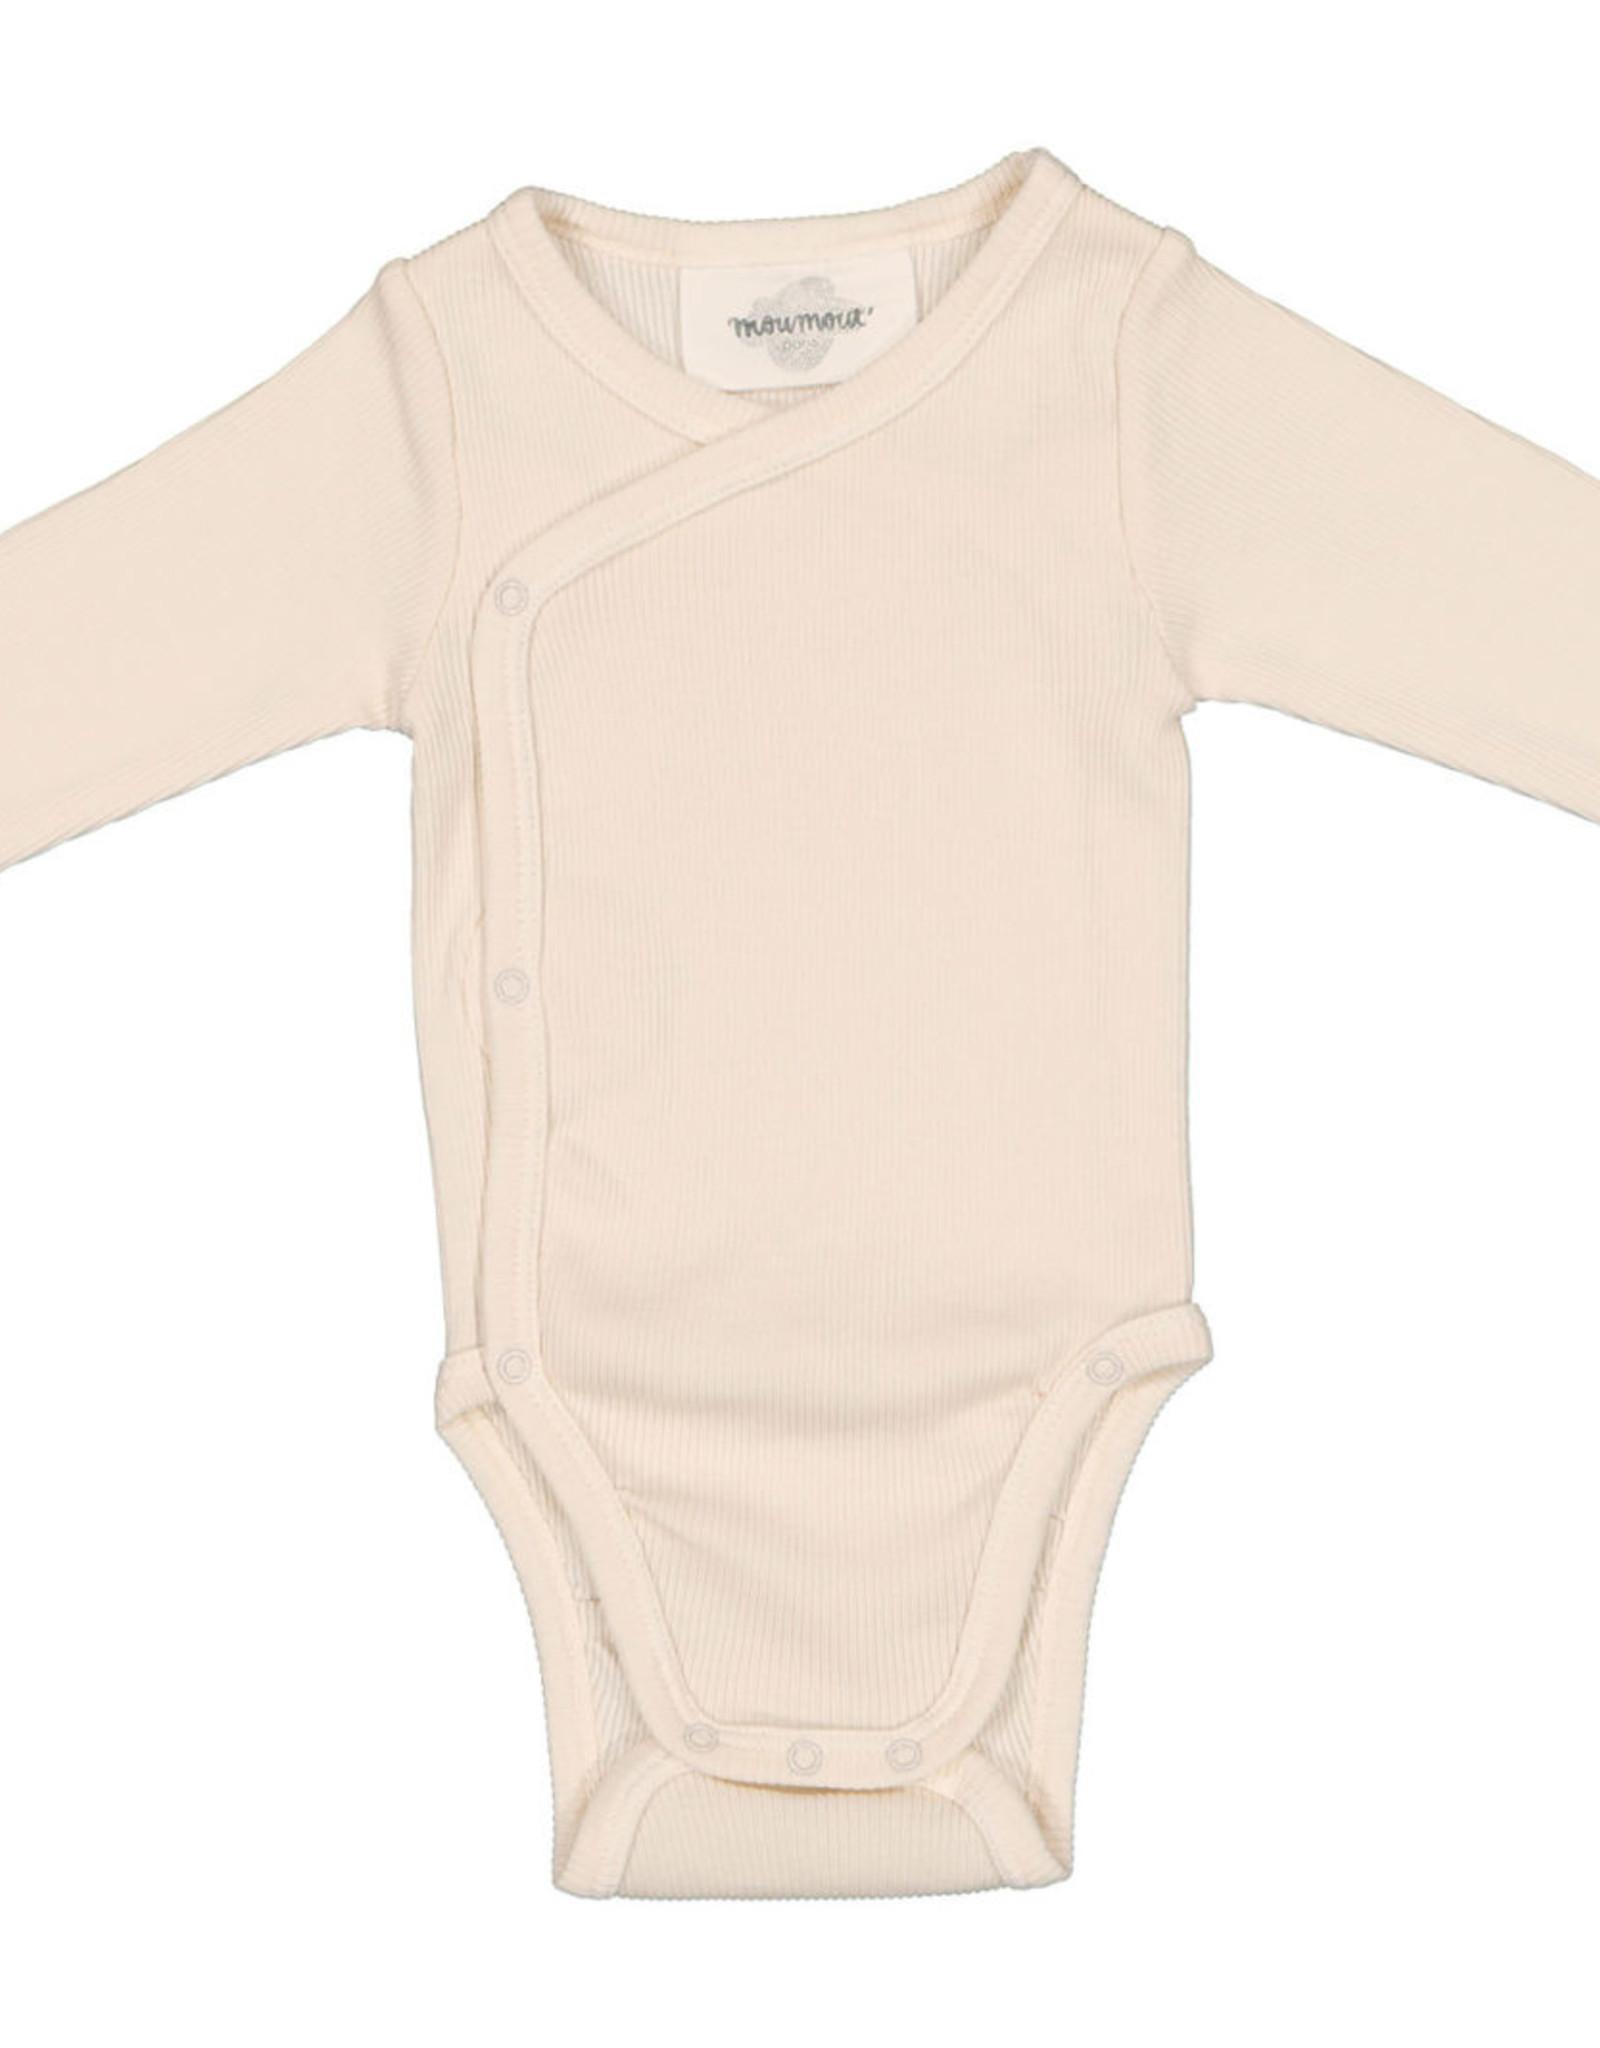 Thelma bodysuit